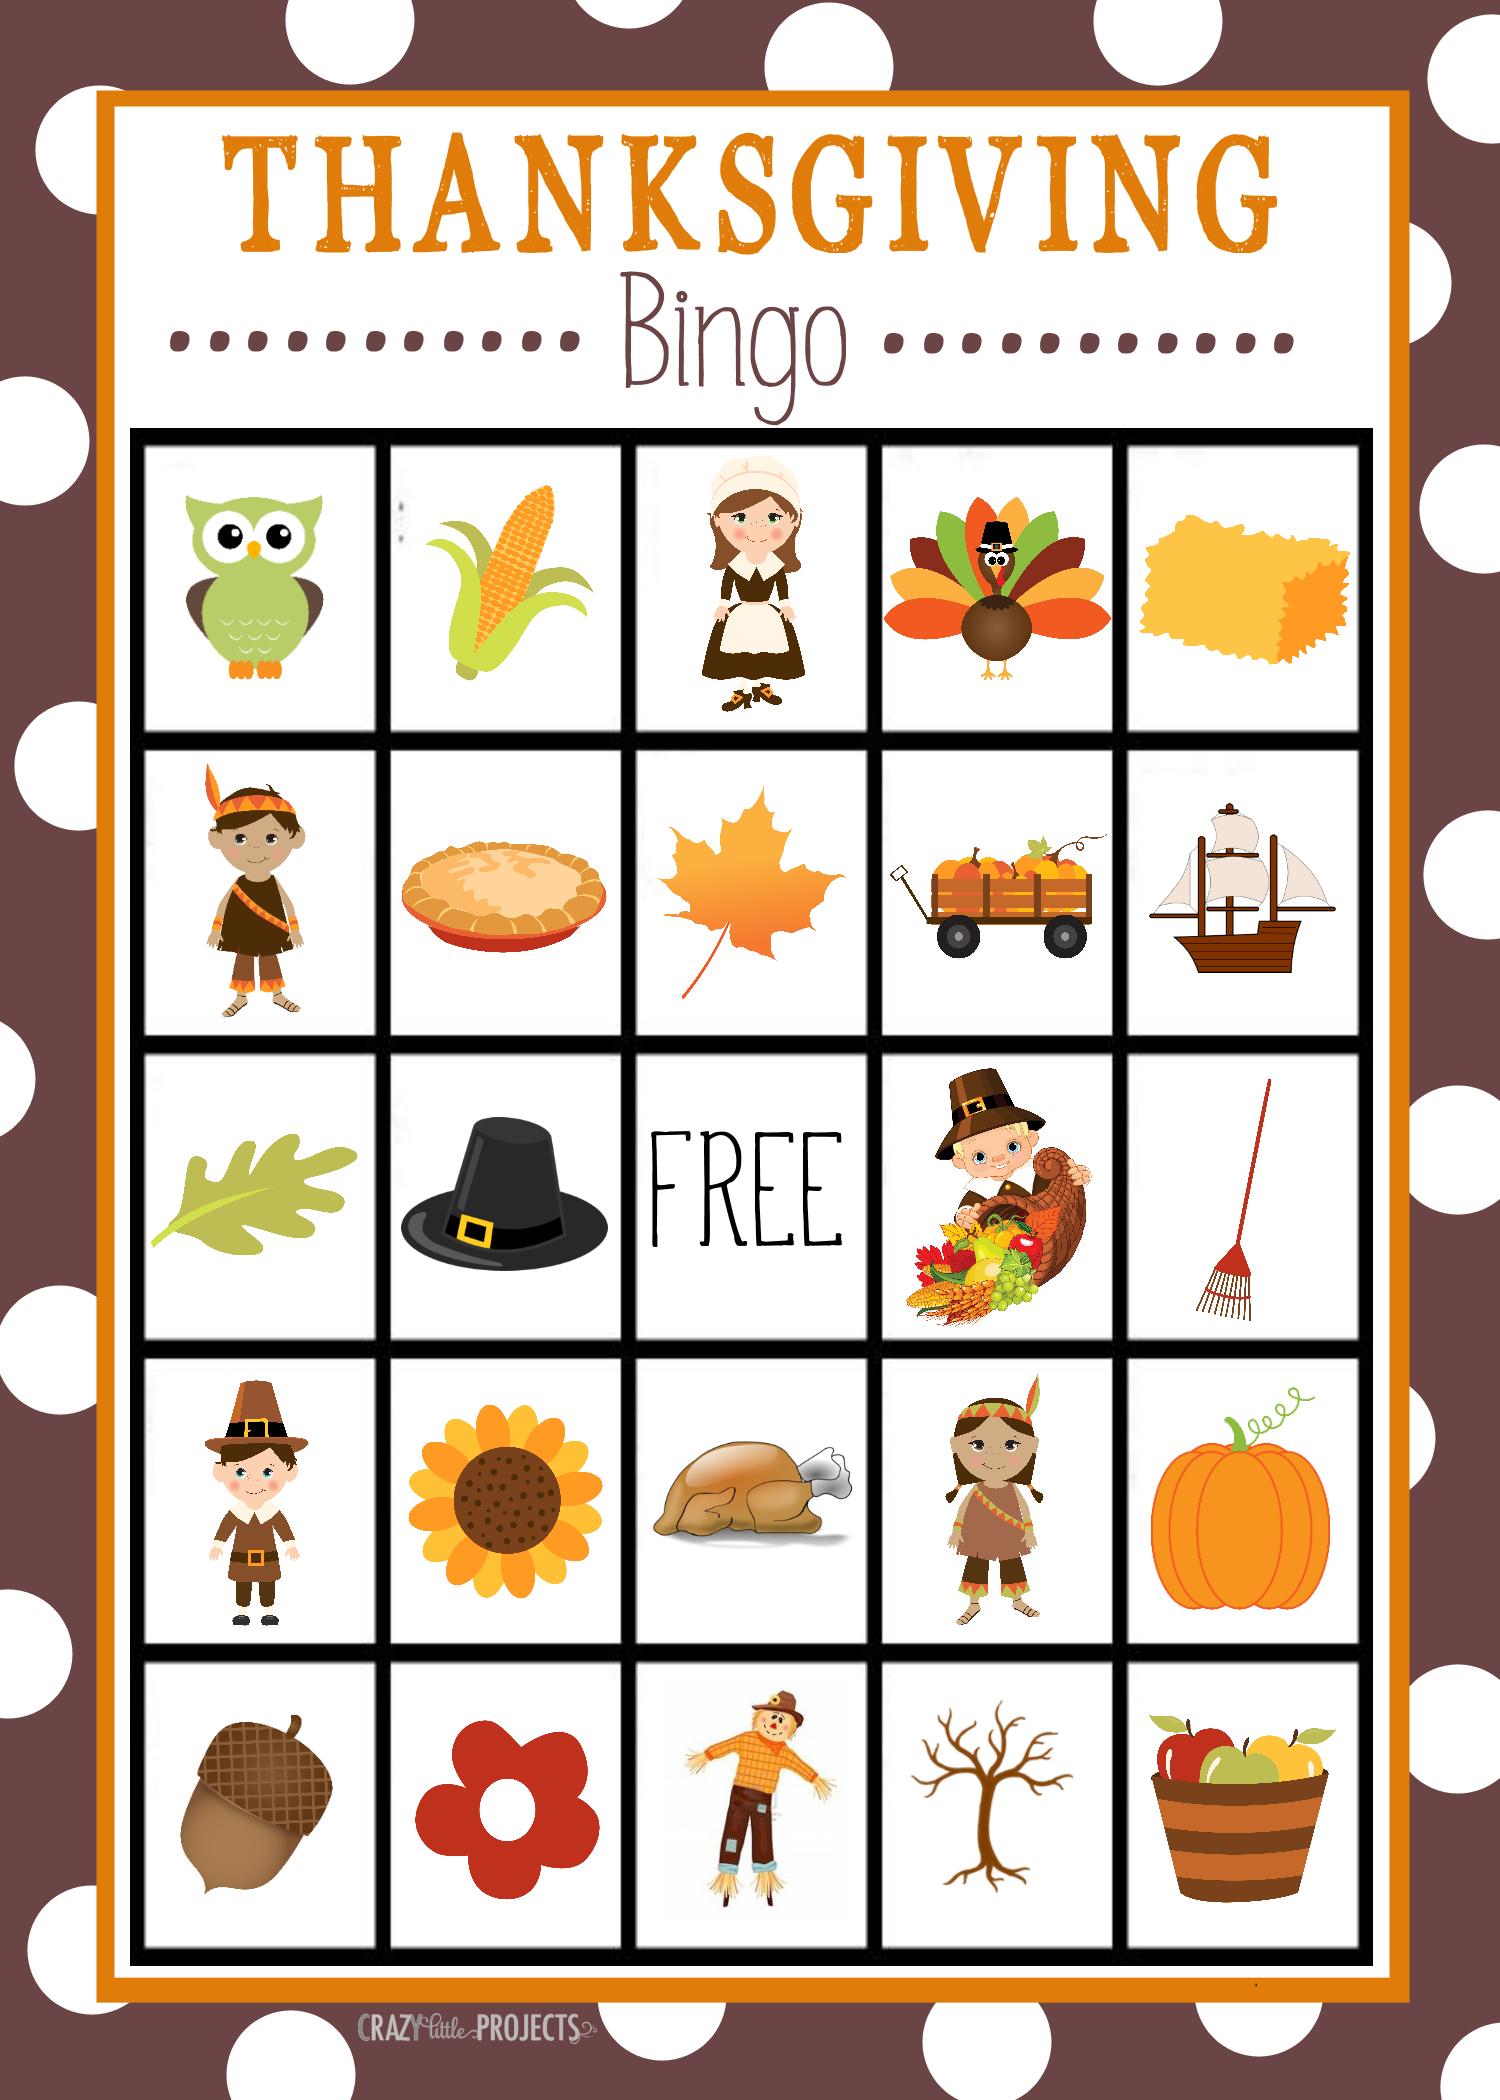 Free Printable Thanksgiving Bingo Game | Craft Time | Pinterest - Free Printable Bingo Cards For Large Groups